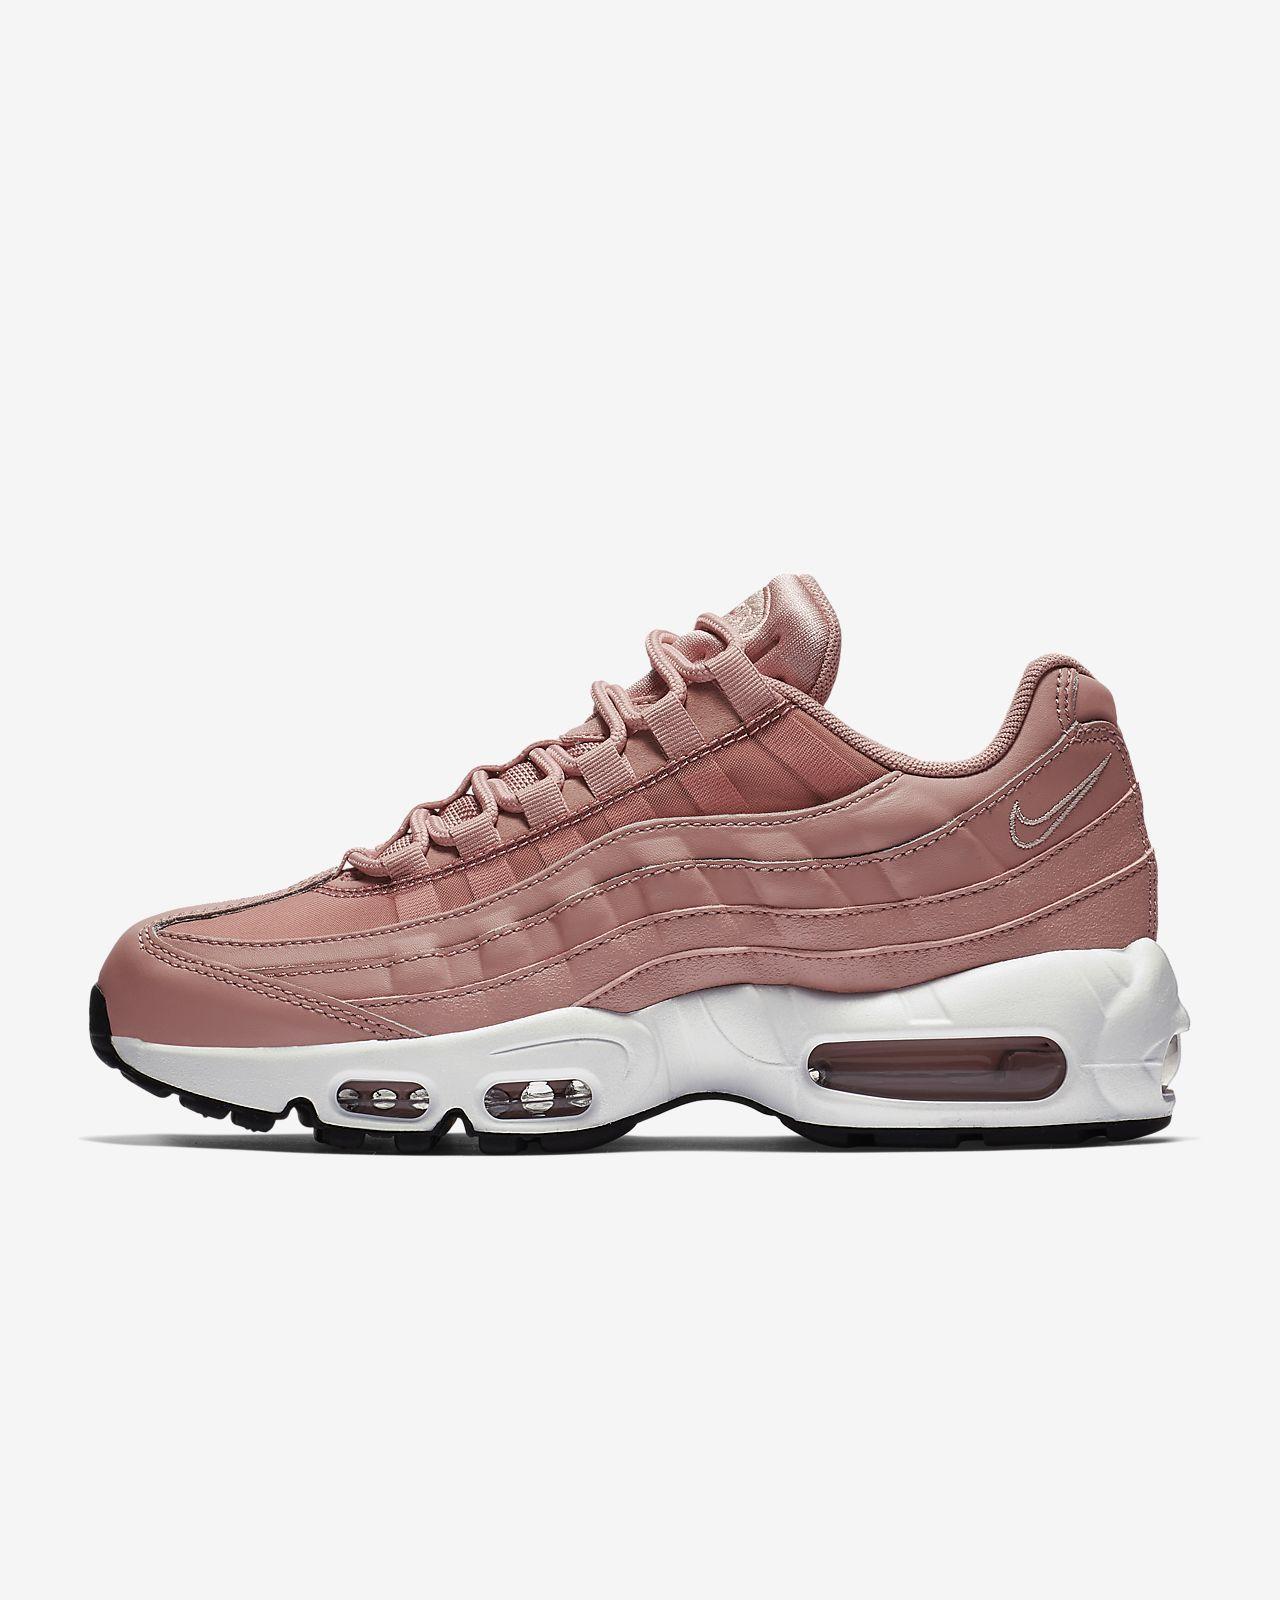 cheapest air max 95 sneaker boot zalando 9f039 e1415